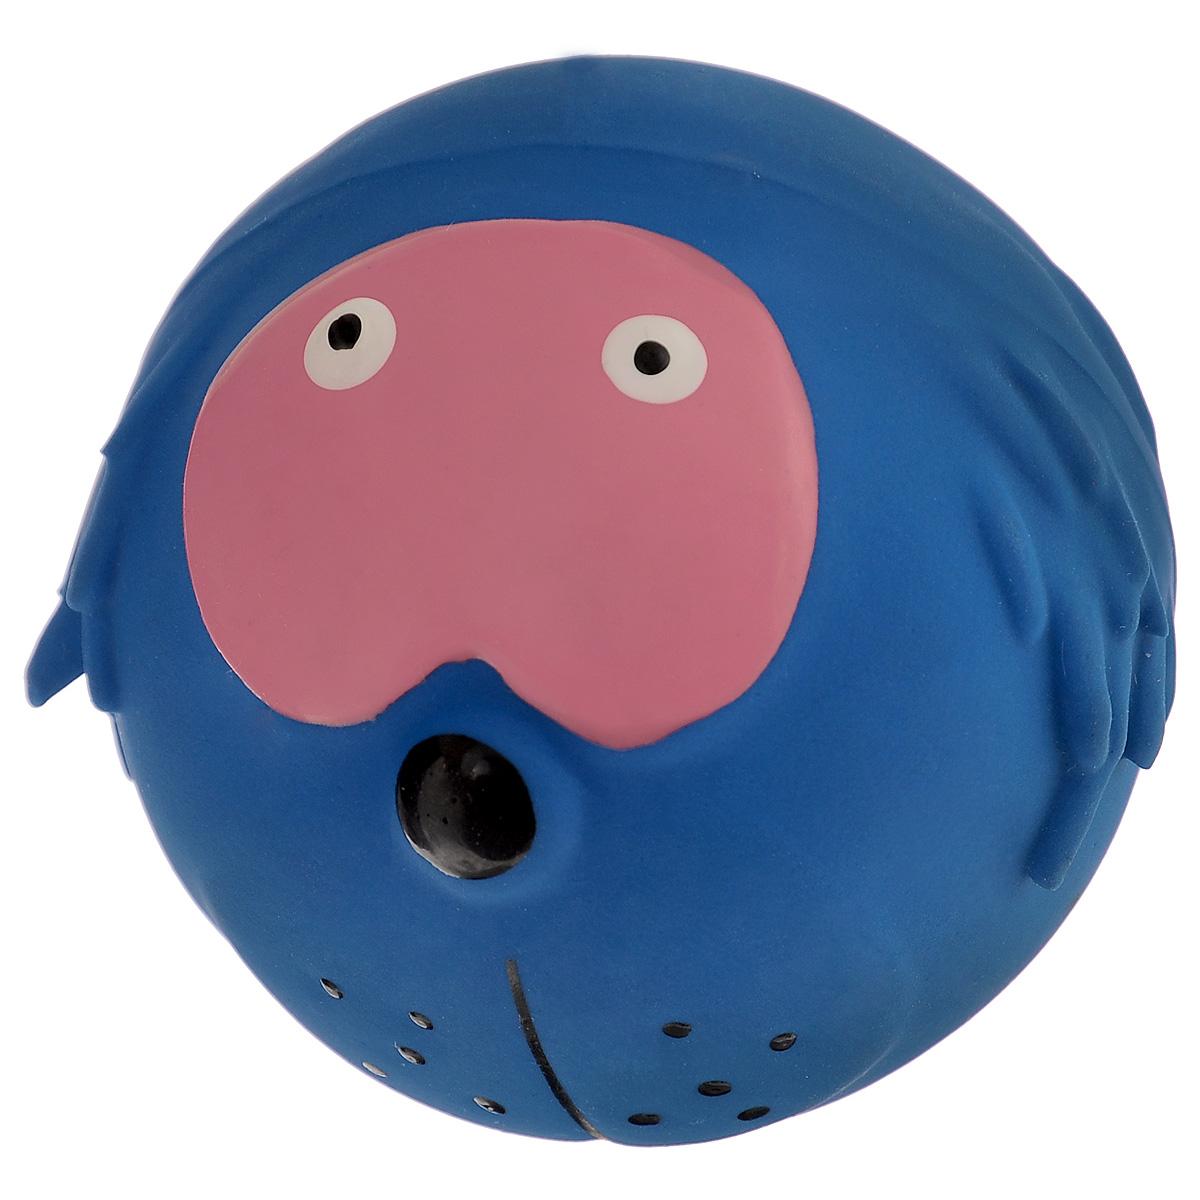 Игрушка для собак I.P.T.S. Мяч с мордочкой, цвет: синий, диаметр 7 см0120710Игрушка для собак I.P.T.S. Мяч с мордочкой, изготовленная из высококачественного латекса, выполнена в виде мячика с милой мордочкой. Такая игрушка порадует вашего любимца, а вам доставит массу приятных эмоций, ведь наблюдать за игрой всегда интересно и приятно. Оставшись в одиночестве, ваша собака будет увлеченно играть.Диаметр: 7 см.